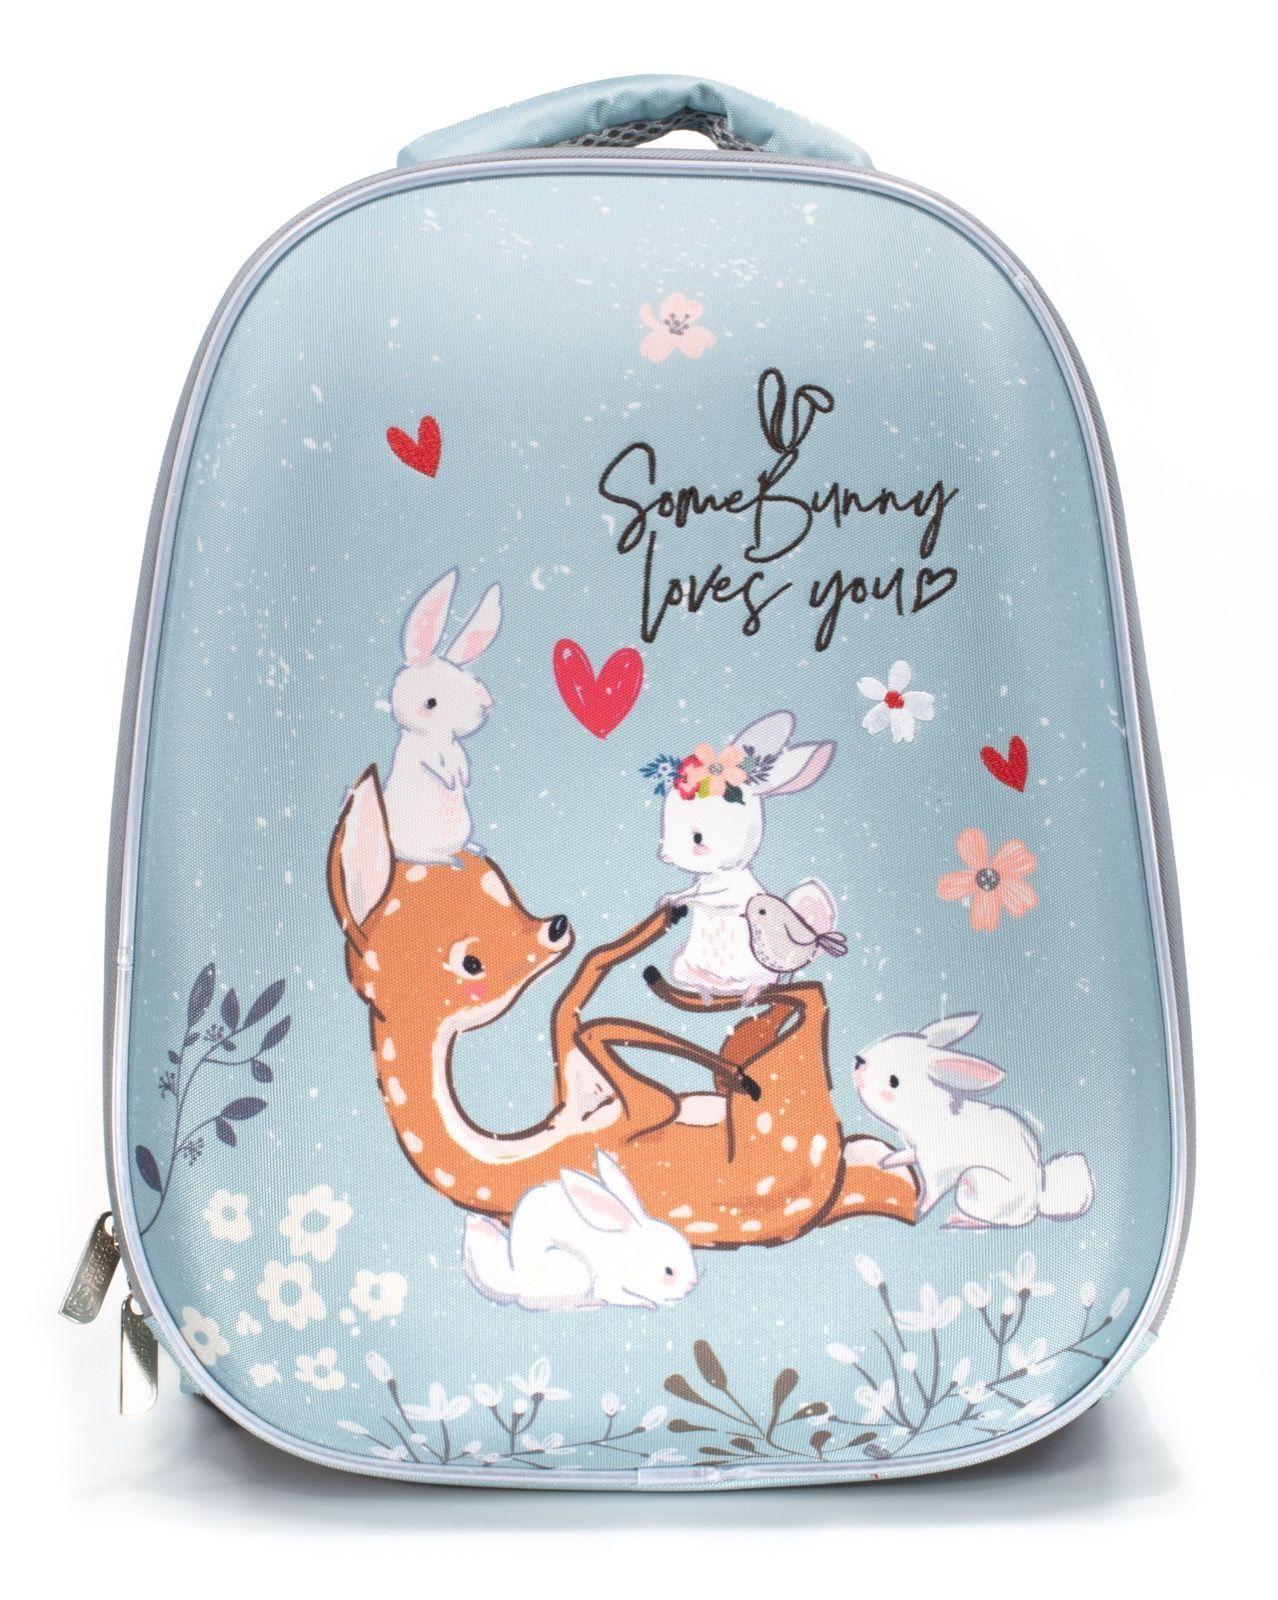 Рюкзак Schoolformat Deer and bunny, модель ERGONOMIC LIGHT, жесткий каркас, двухсекционный, 38х30х18 см, 17л, для девочек